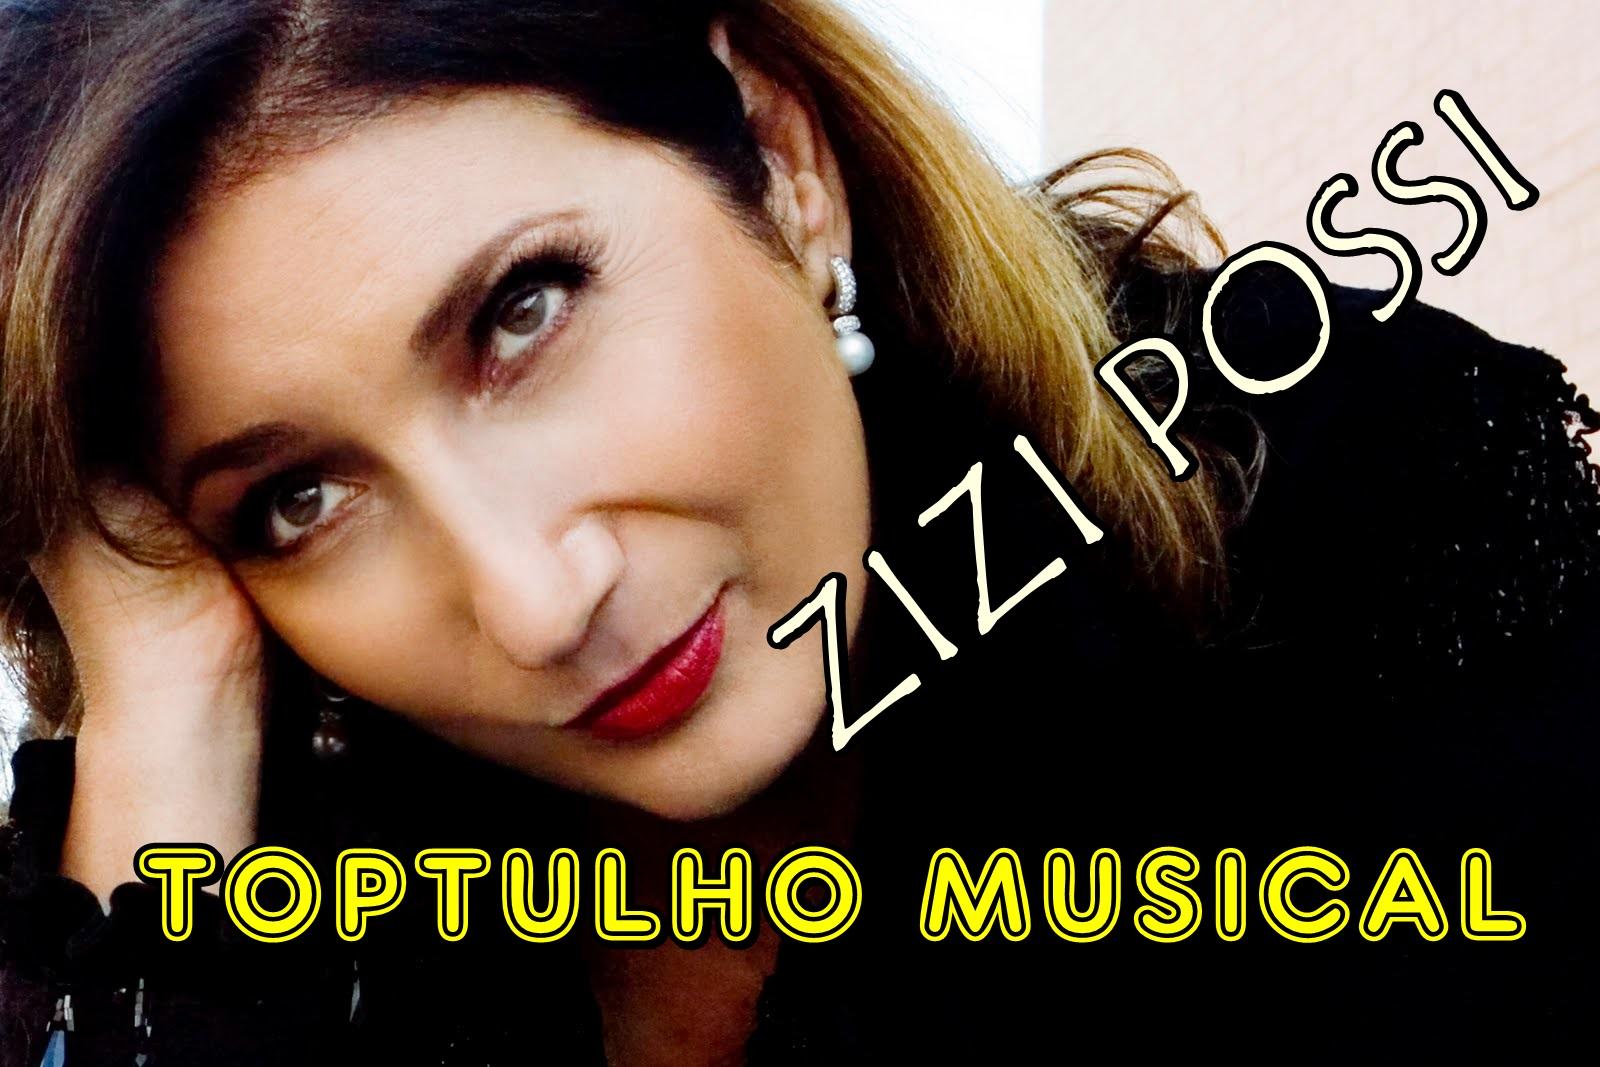 HAJA OQUE ZIZI GRÁTIS POSSI HOUVER MUSICA DOWNLOAD